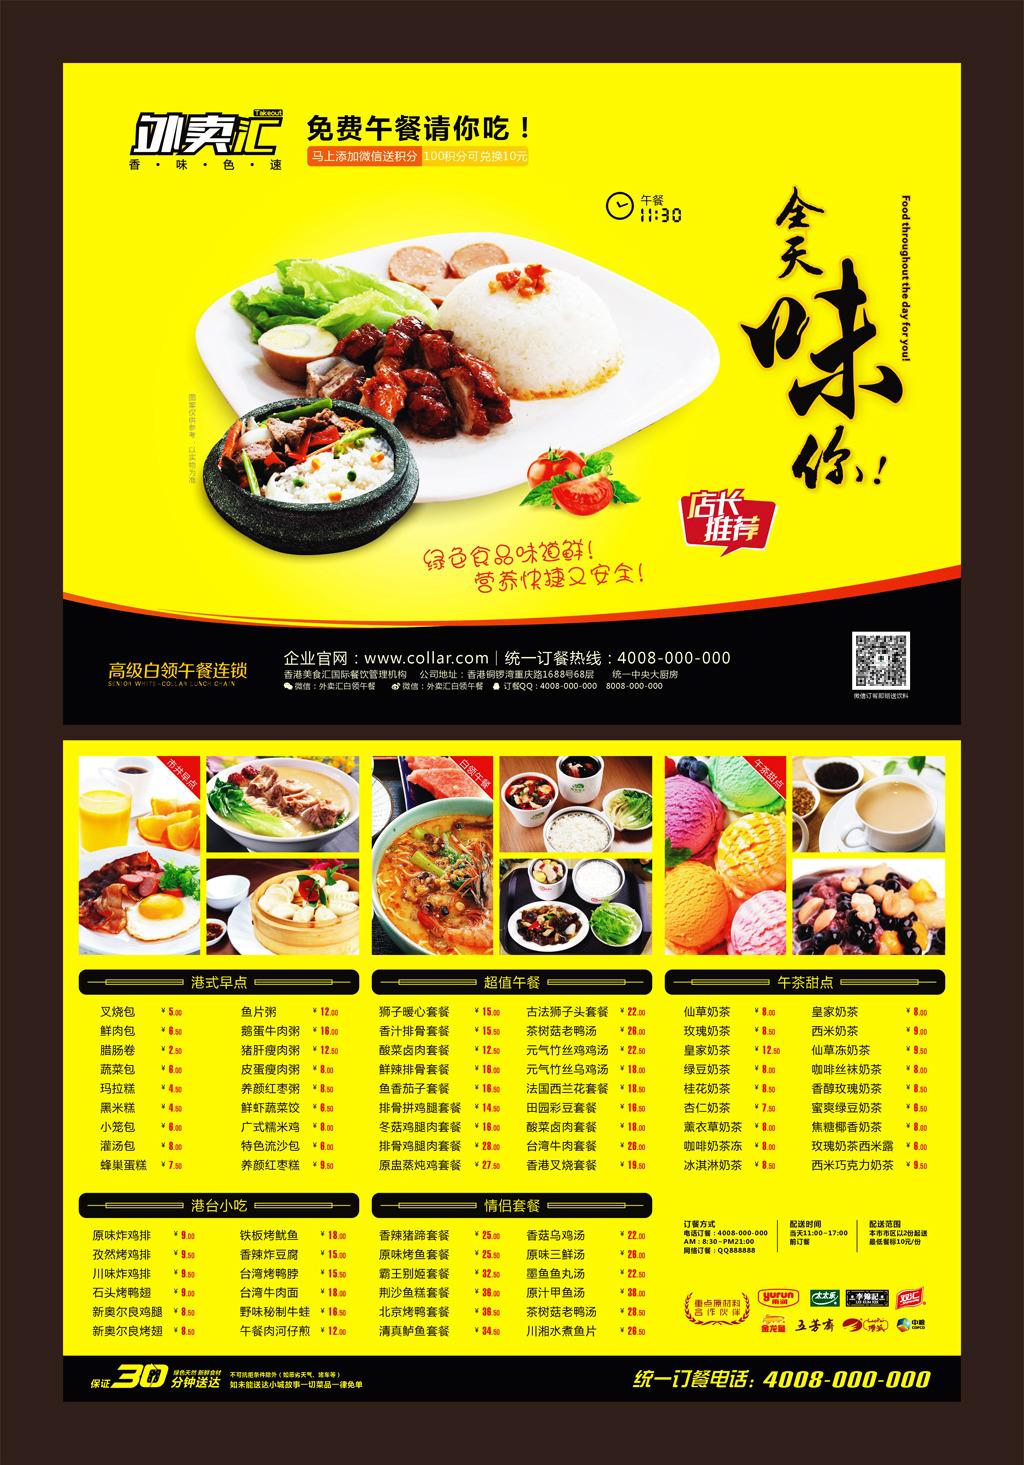 外卖传单 外卖菜谱 便当广告 便当dm单 快餐宣传单 快餐海报 快餐菜单